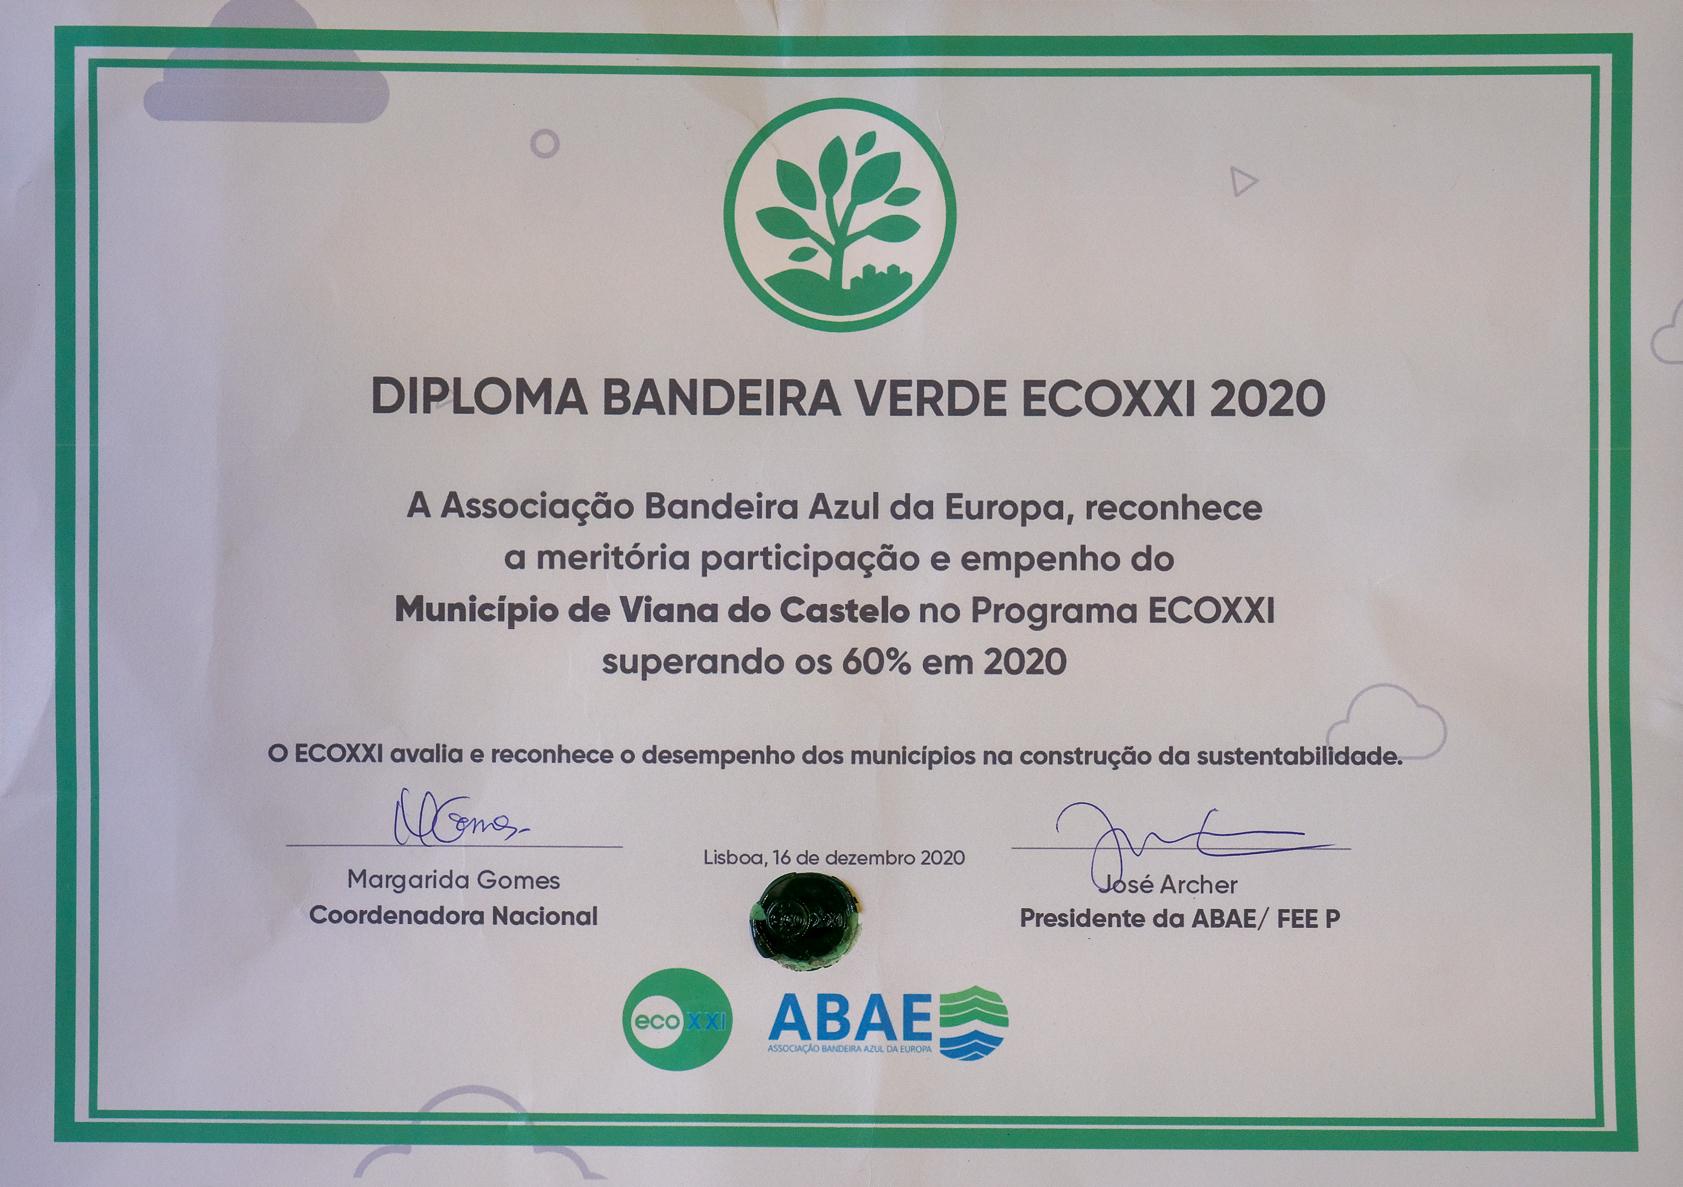 Viana do Castelo recebeu Diploma da Bandeira Verde Eco XXI 2020